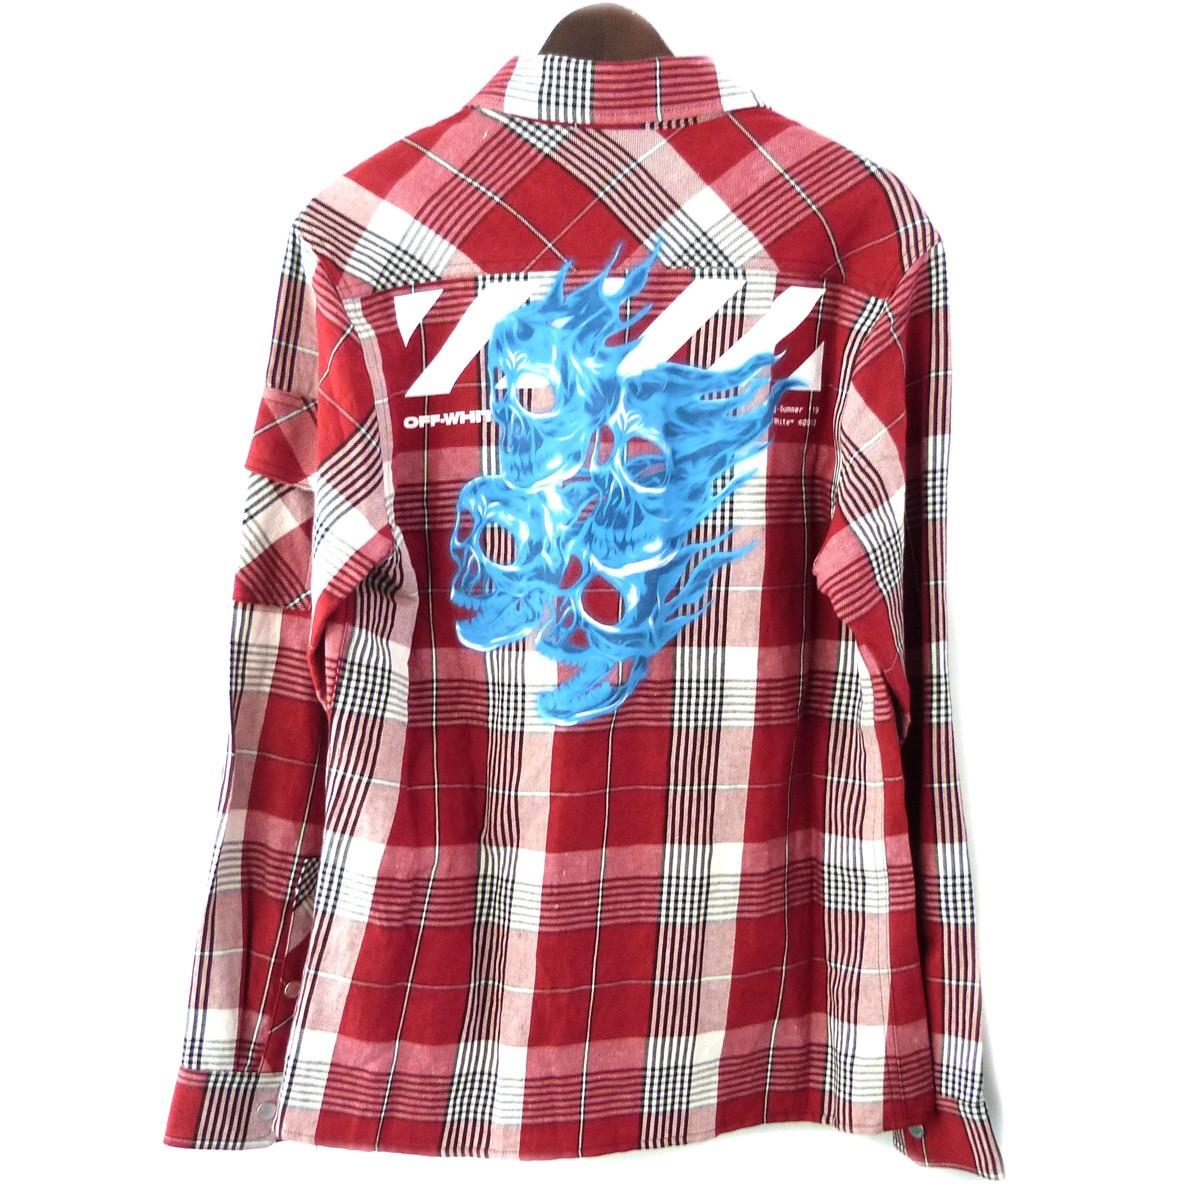 【中古】OFF WHITE 19SS「checked zip front shirt」チェックZIPフロントシャツ レッド サイズ:S 【180120】(オフホワイト)